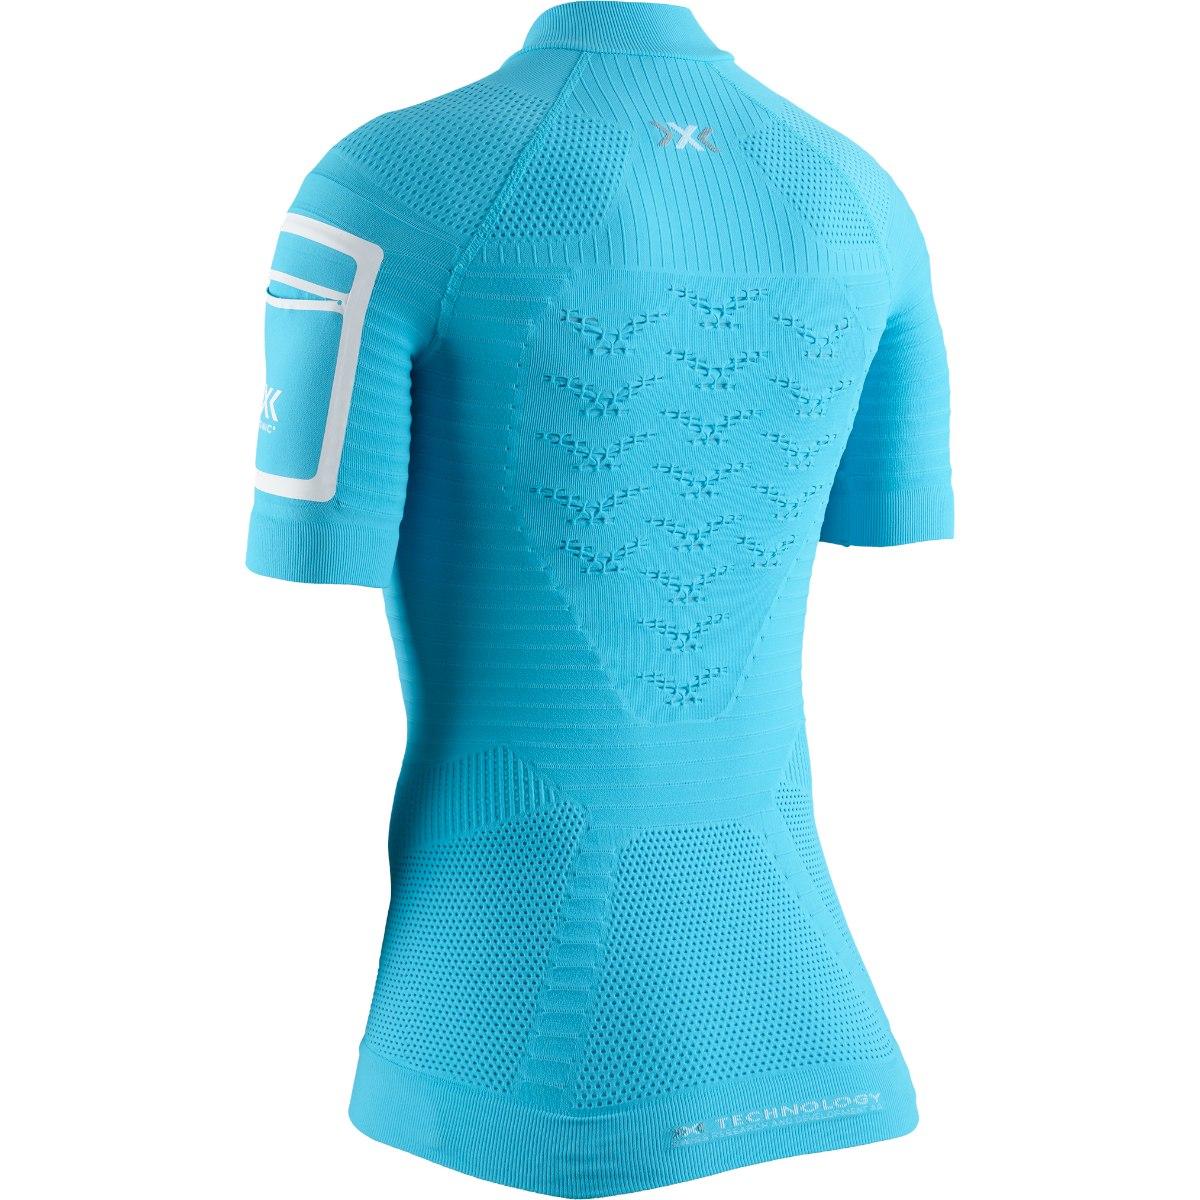 Bild von X-Bionic Effektor 4.0 Trail Run 1/2 Zip Kurzarm-Laufshirt für Damen - effektor turquoise/arctic white